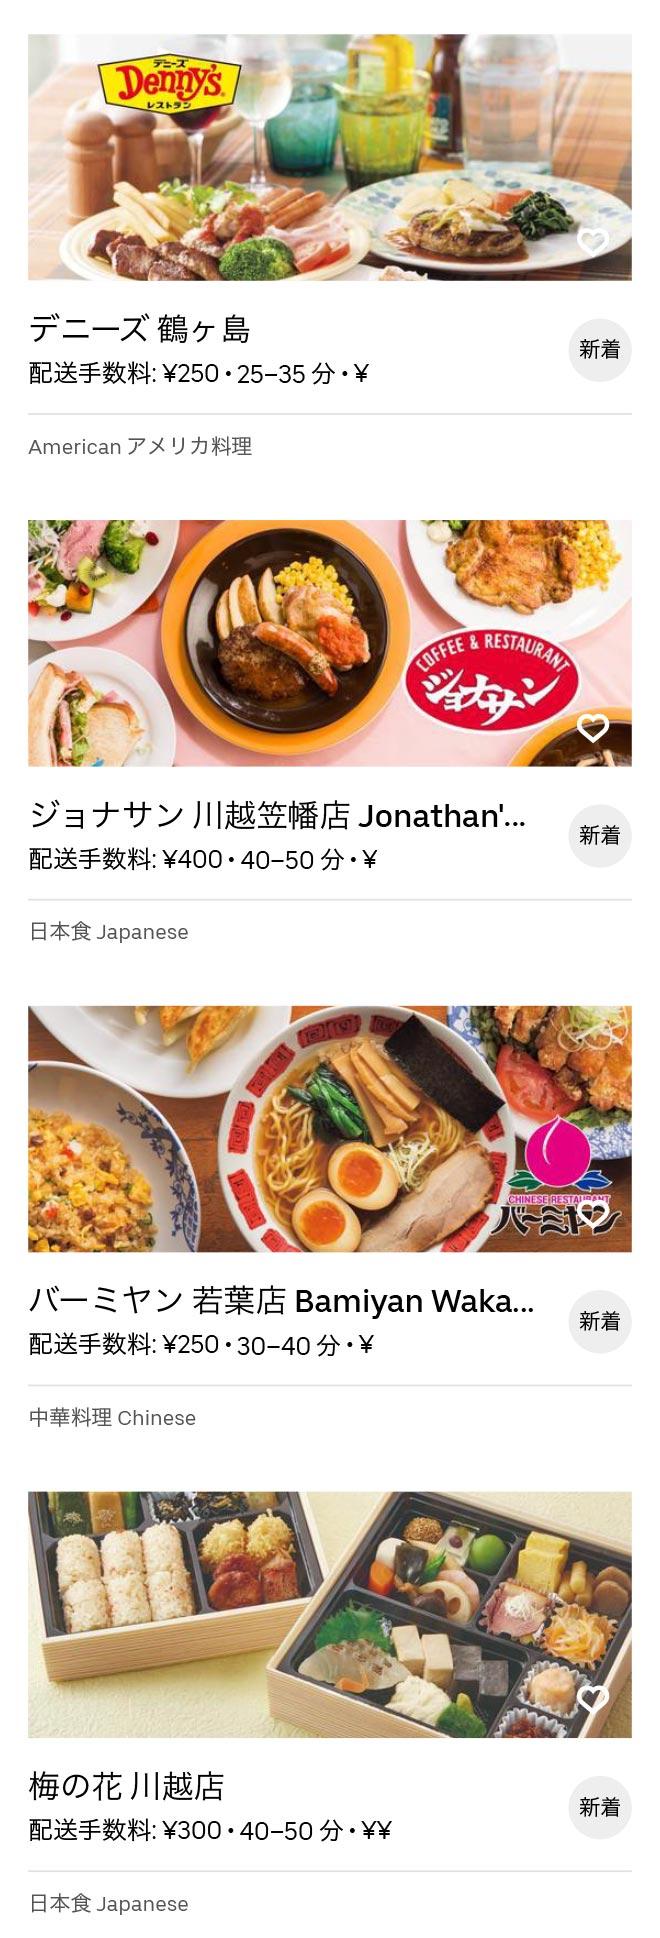 Tsurugashima menu 2010 05